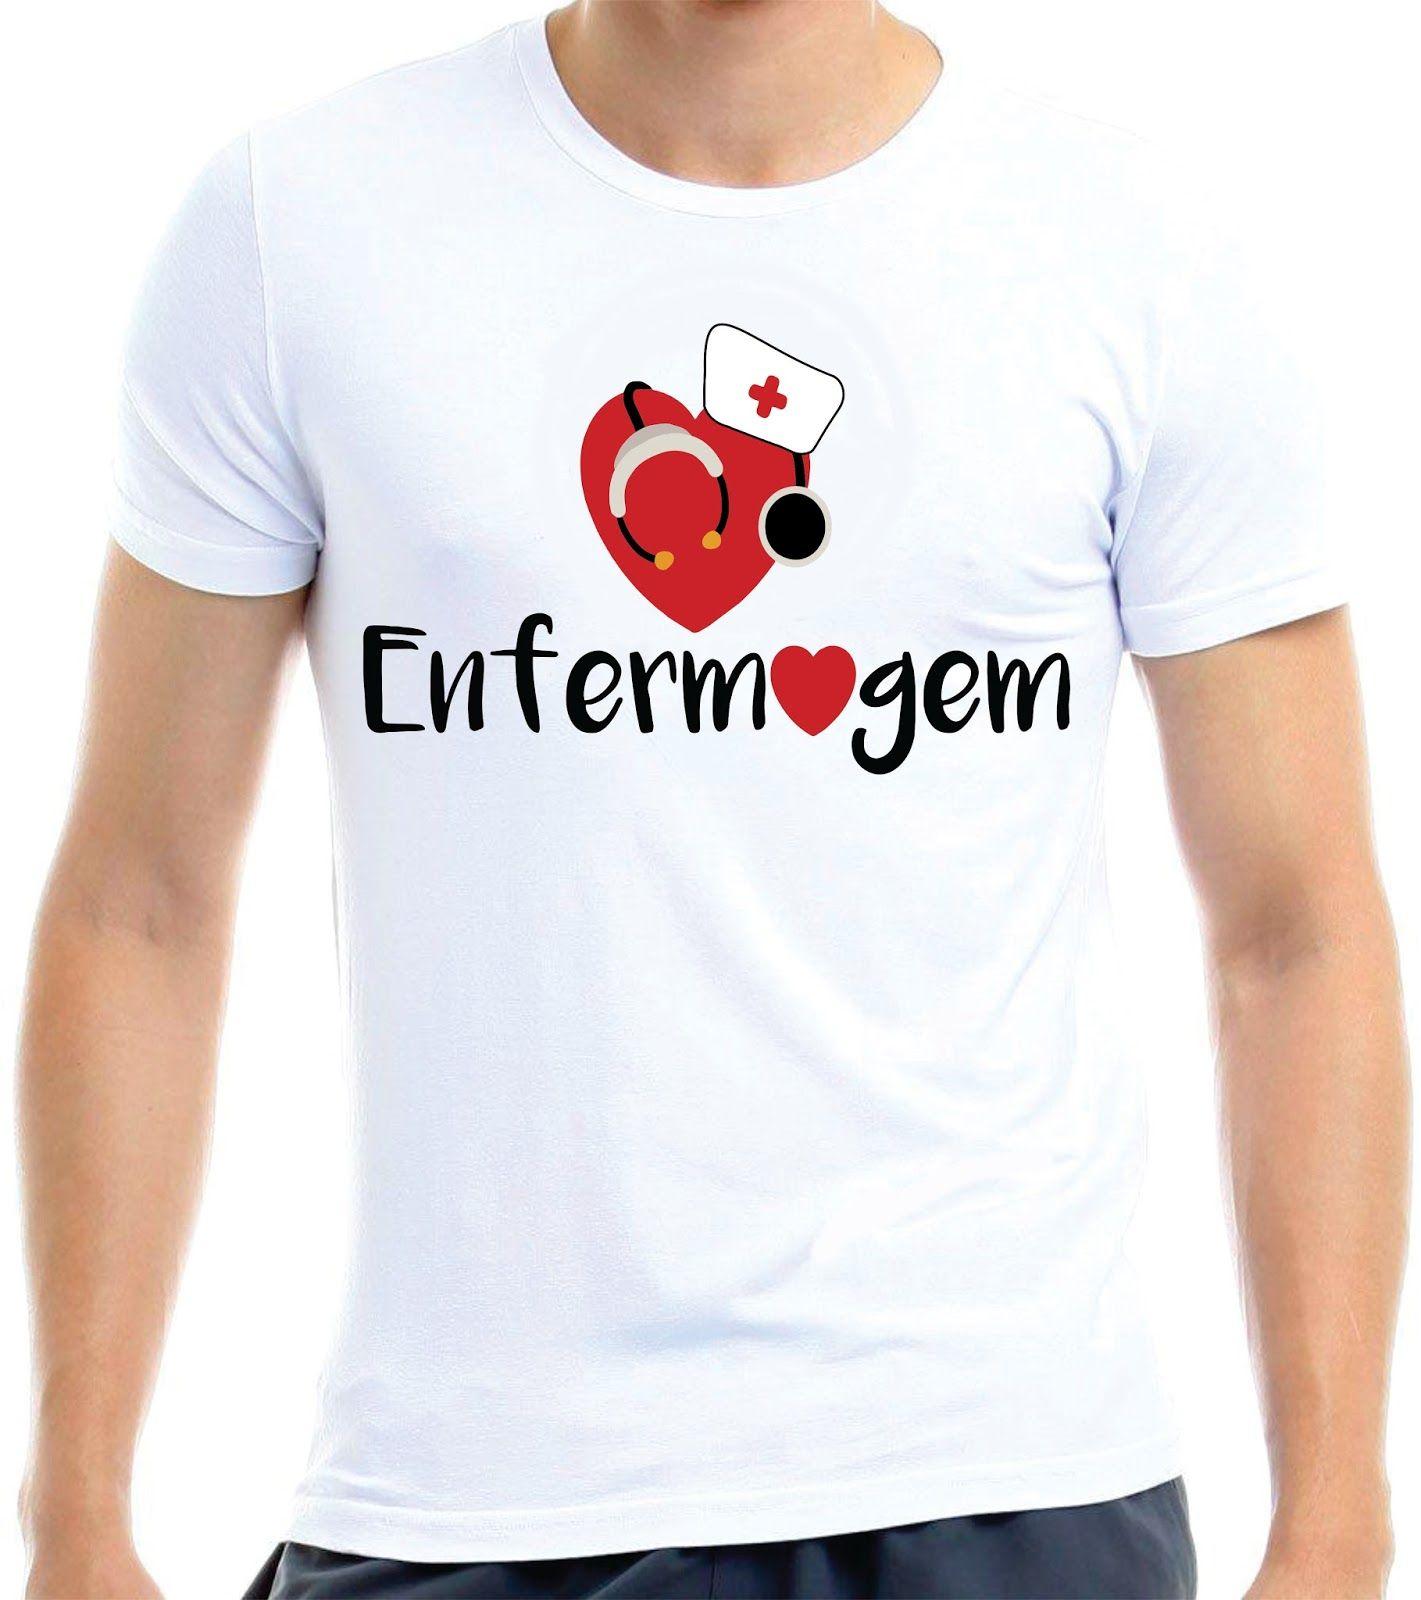 deae8f9040899 Estampa Criativa - Curso Enfermagem Camiseta Enfermagem